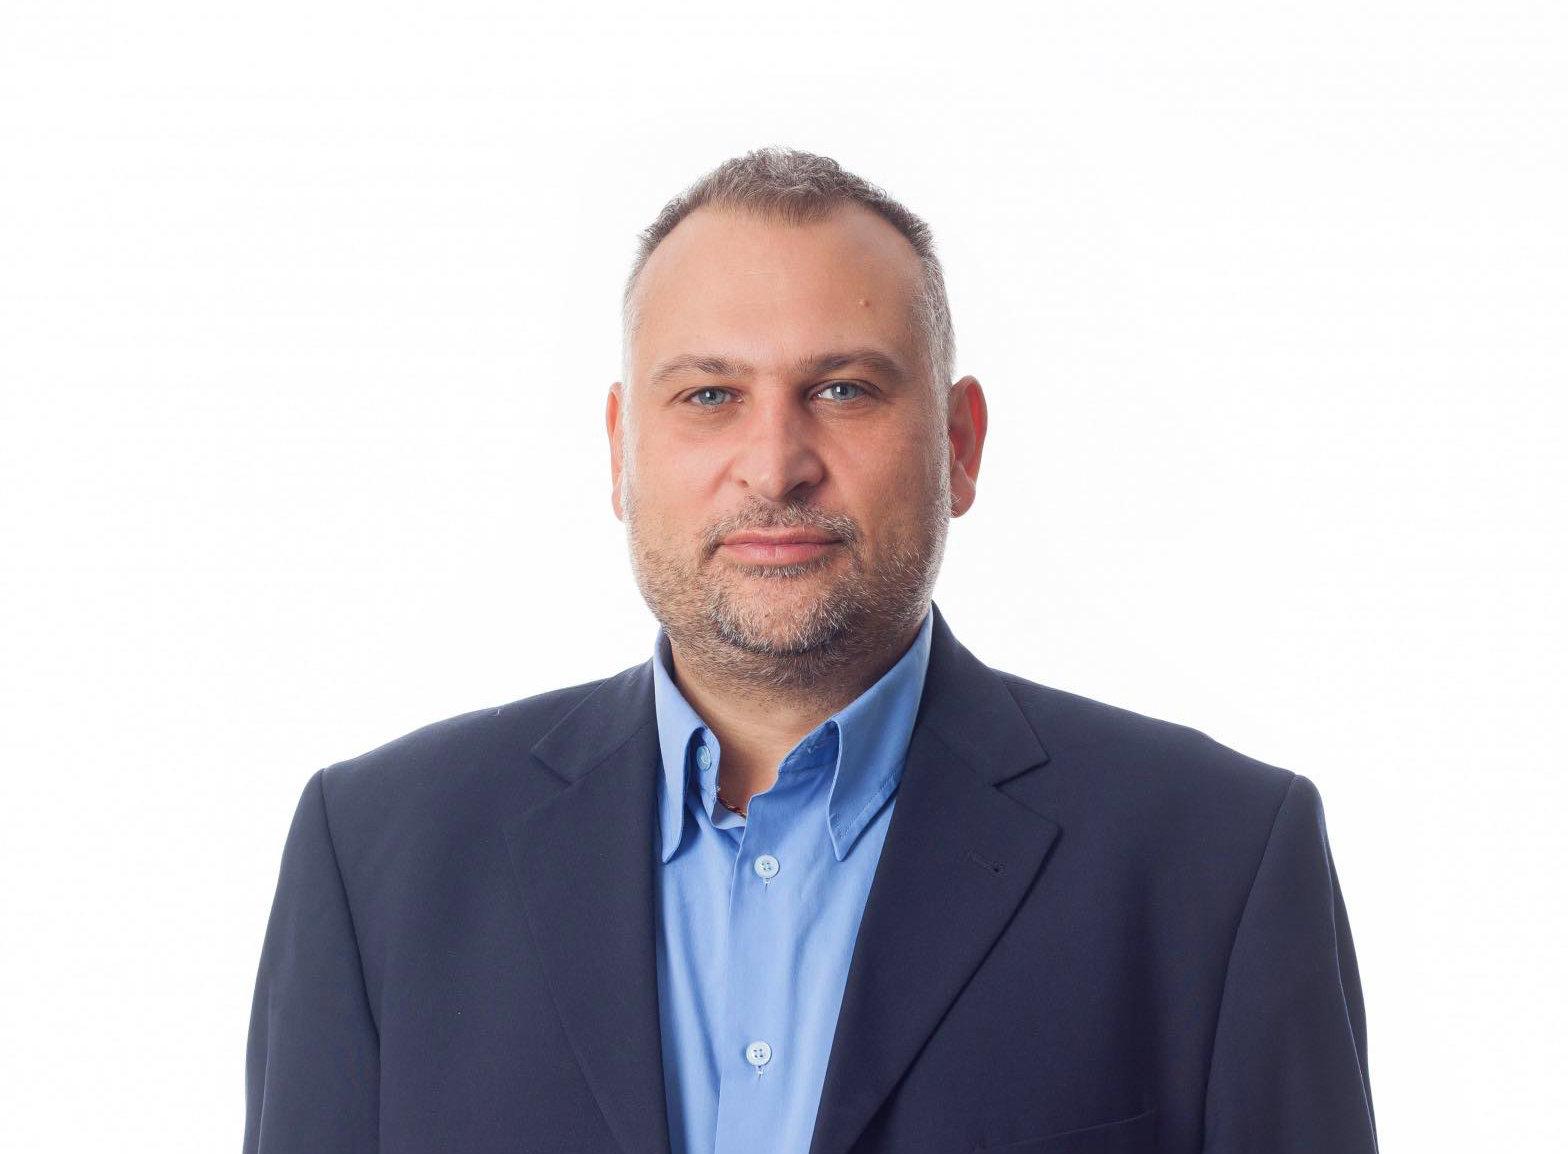 Партия МИР иска незабавна промяна на ИК, която да улесни гласуването на българите в чужбина